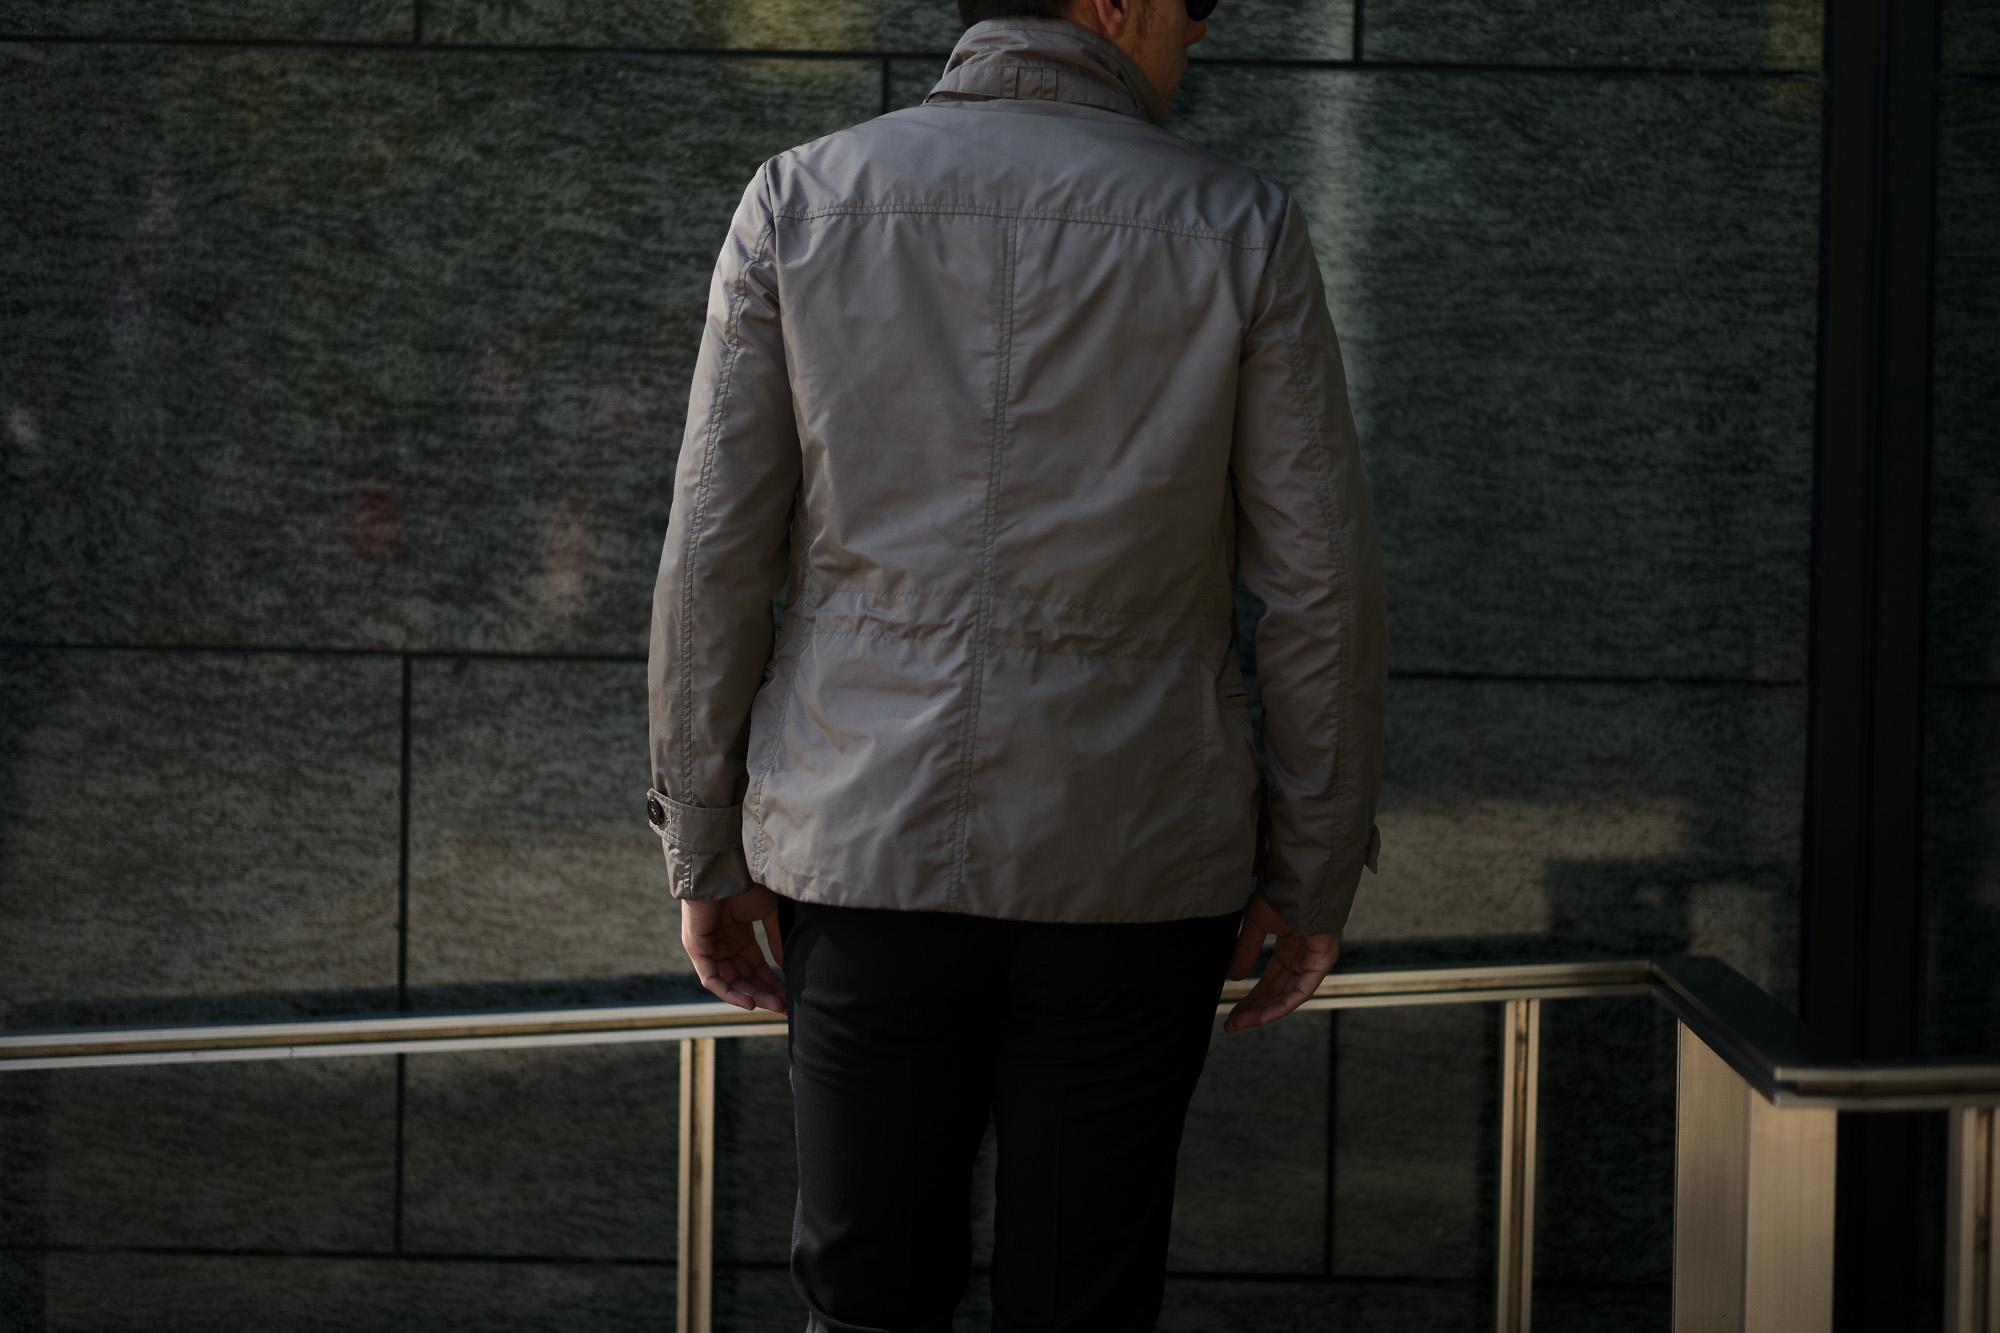 MOORER (ムーレー) NABUCCO-KM (ナブッコ) ダブルブレスト スタンドカラー ナイロン ジャケット VISONE (グレージュ) Made in italy (イタリア製) 2019 春夏新作 愛知 名古屋 alto e diritto アルトエデリット